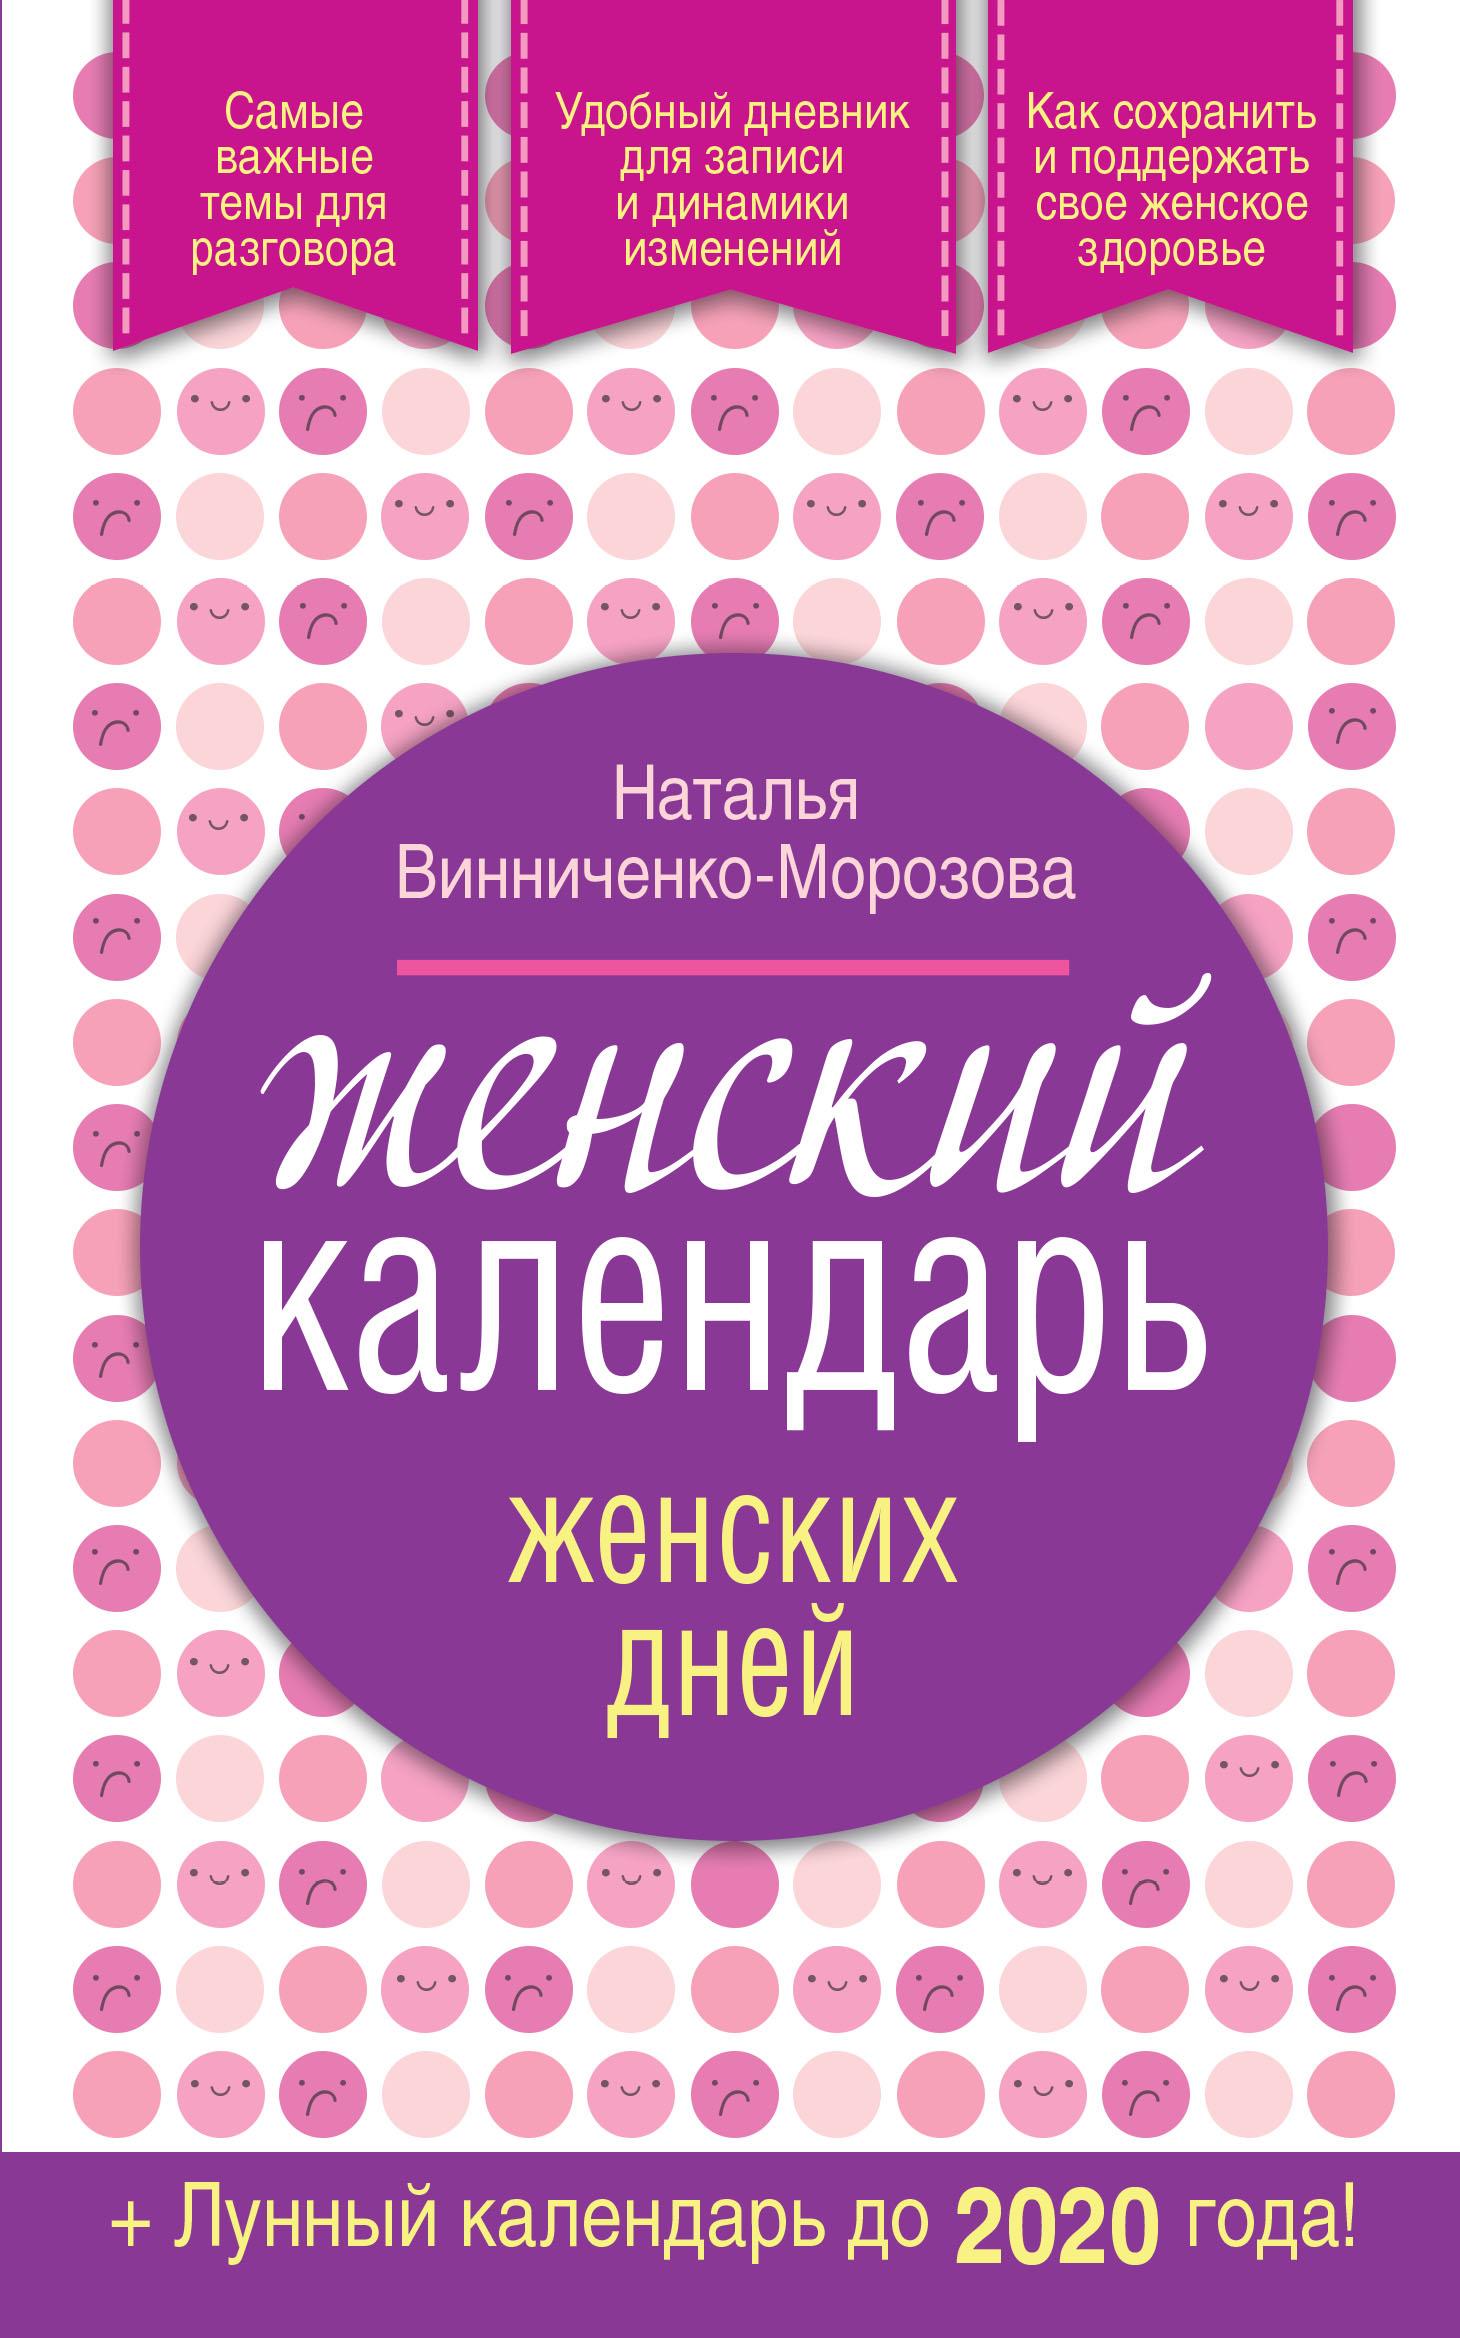 Винниченко-Морозова Н.Г. Женский календарь женских дней + лунный календарь до 2020 года!